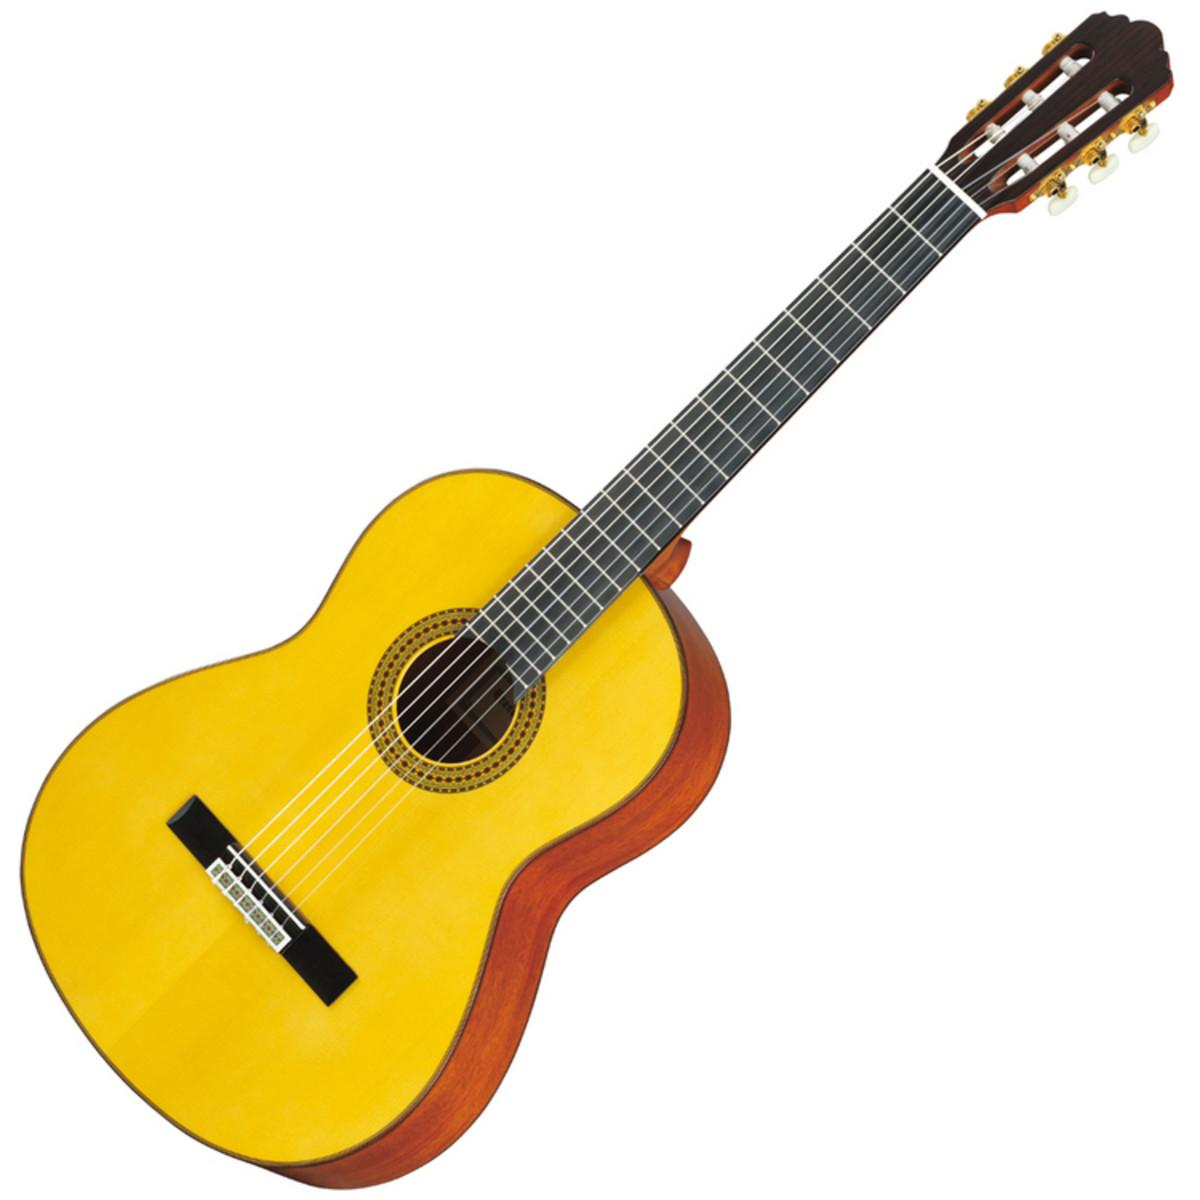 Yamaha Cg A Classical Guitar